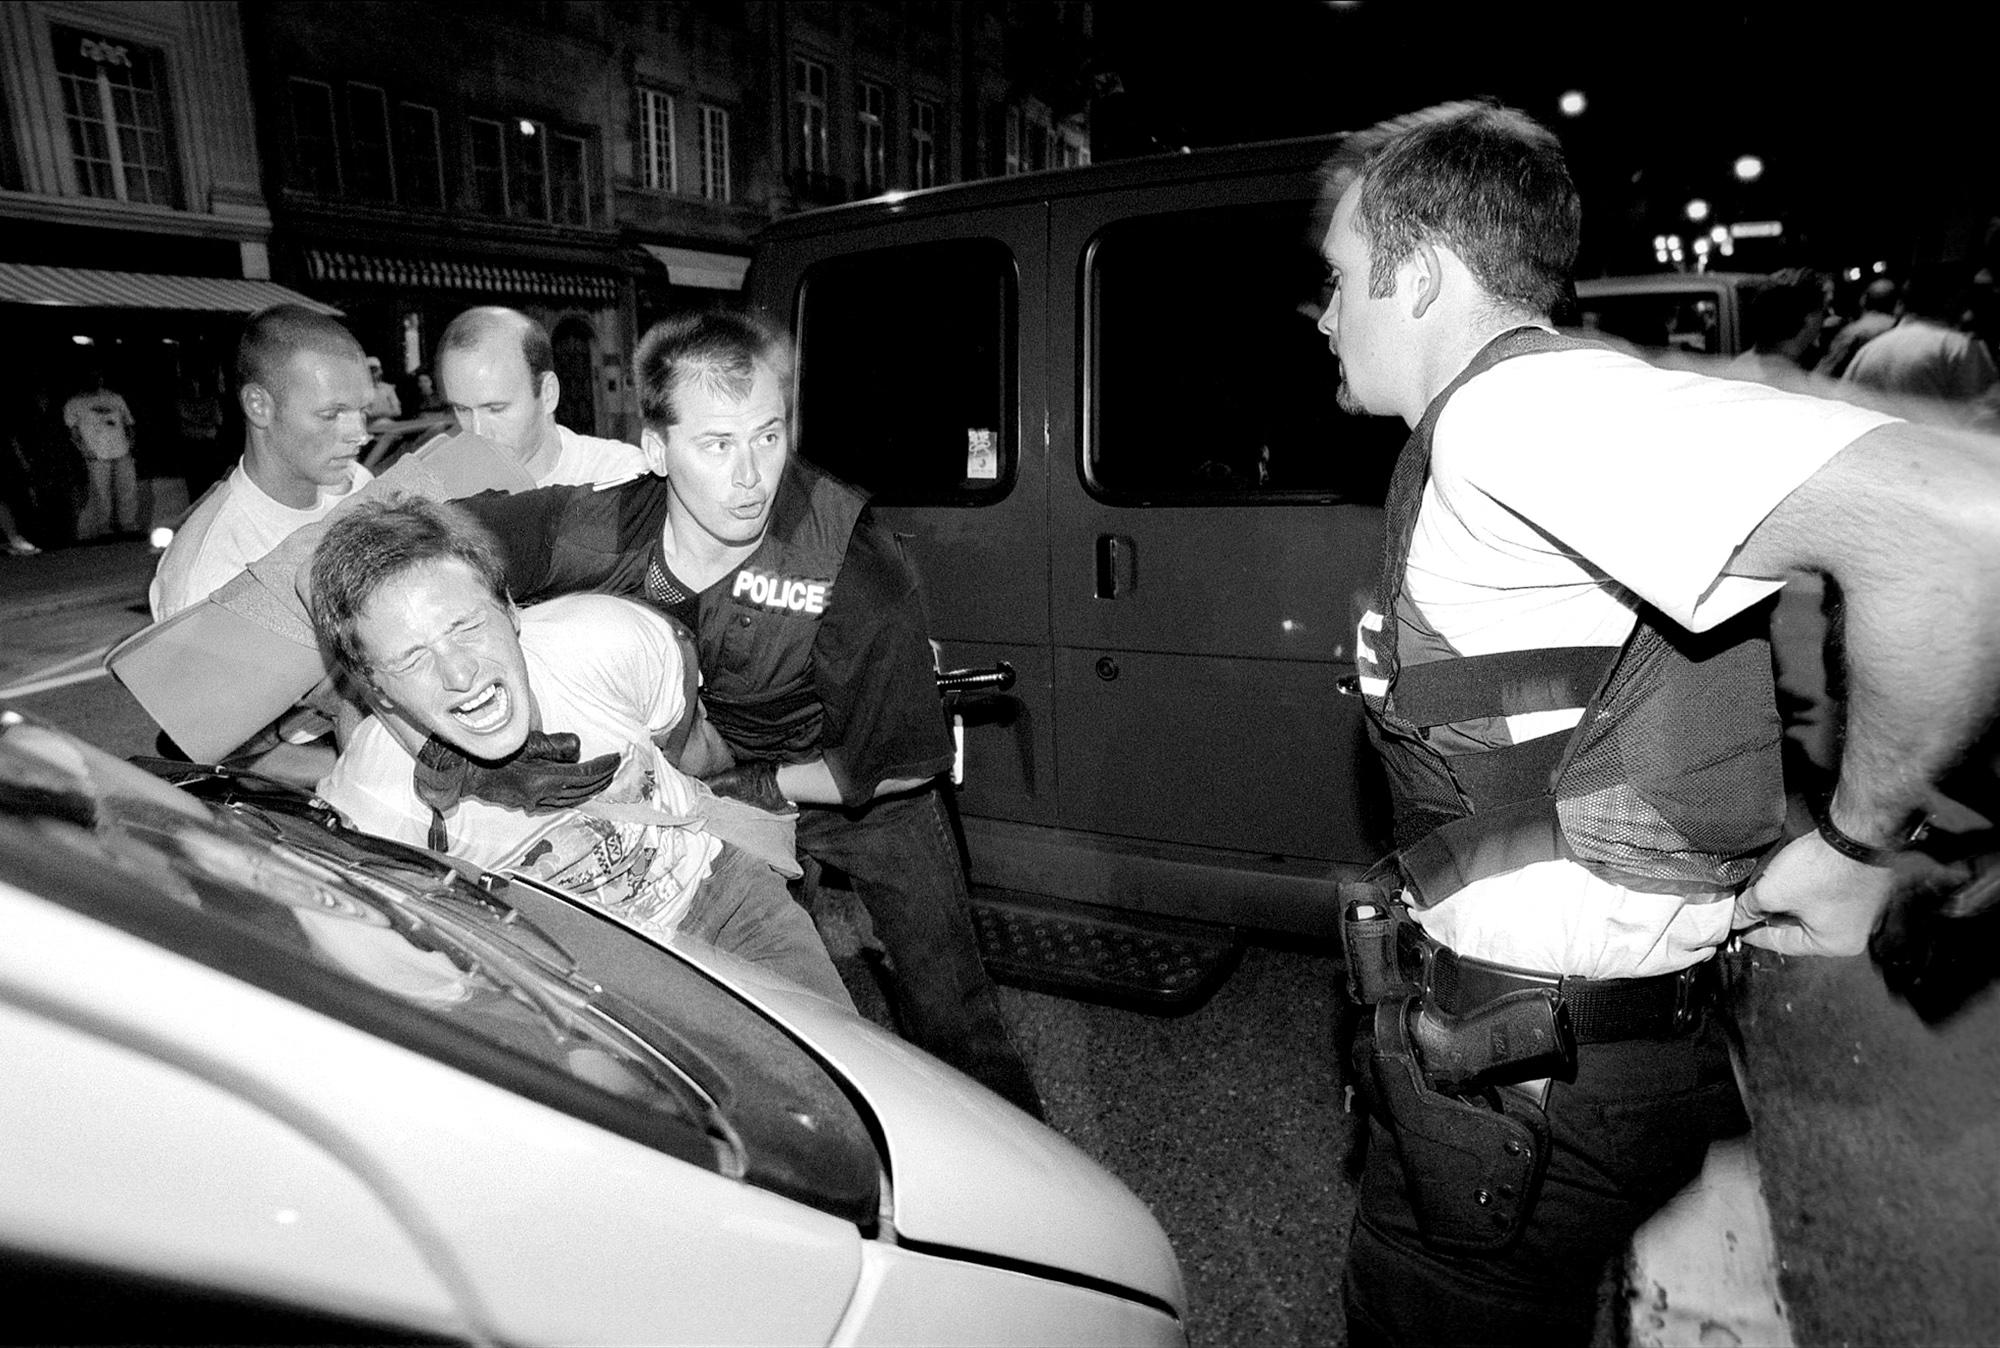 La police a interpelé un petit groupe de manifestants s'opposants à l'expultion des sans-papiers de St-Paul.Au départ, il ne s'agissait que d'un contrôle d'identité. Trois voitures de police et trois banalisées, il est très rare de voir une telle intervention policière à Fribourg.Fribourg, le 24 août 2001.